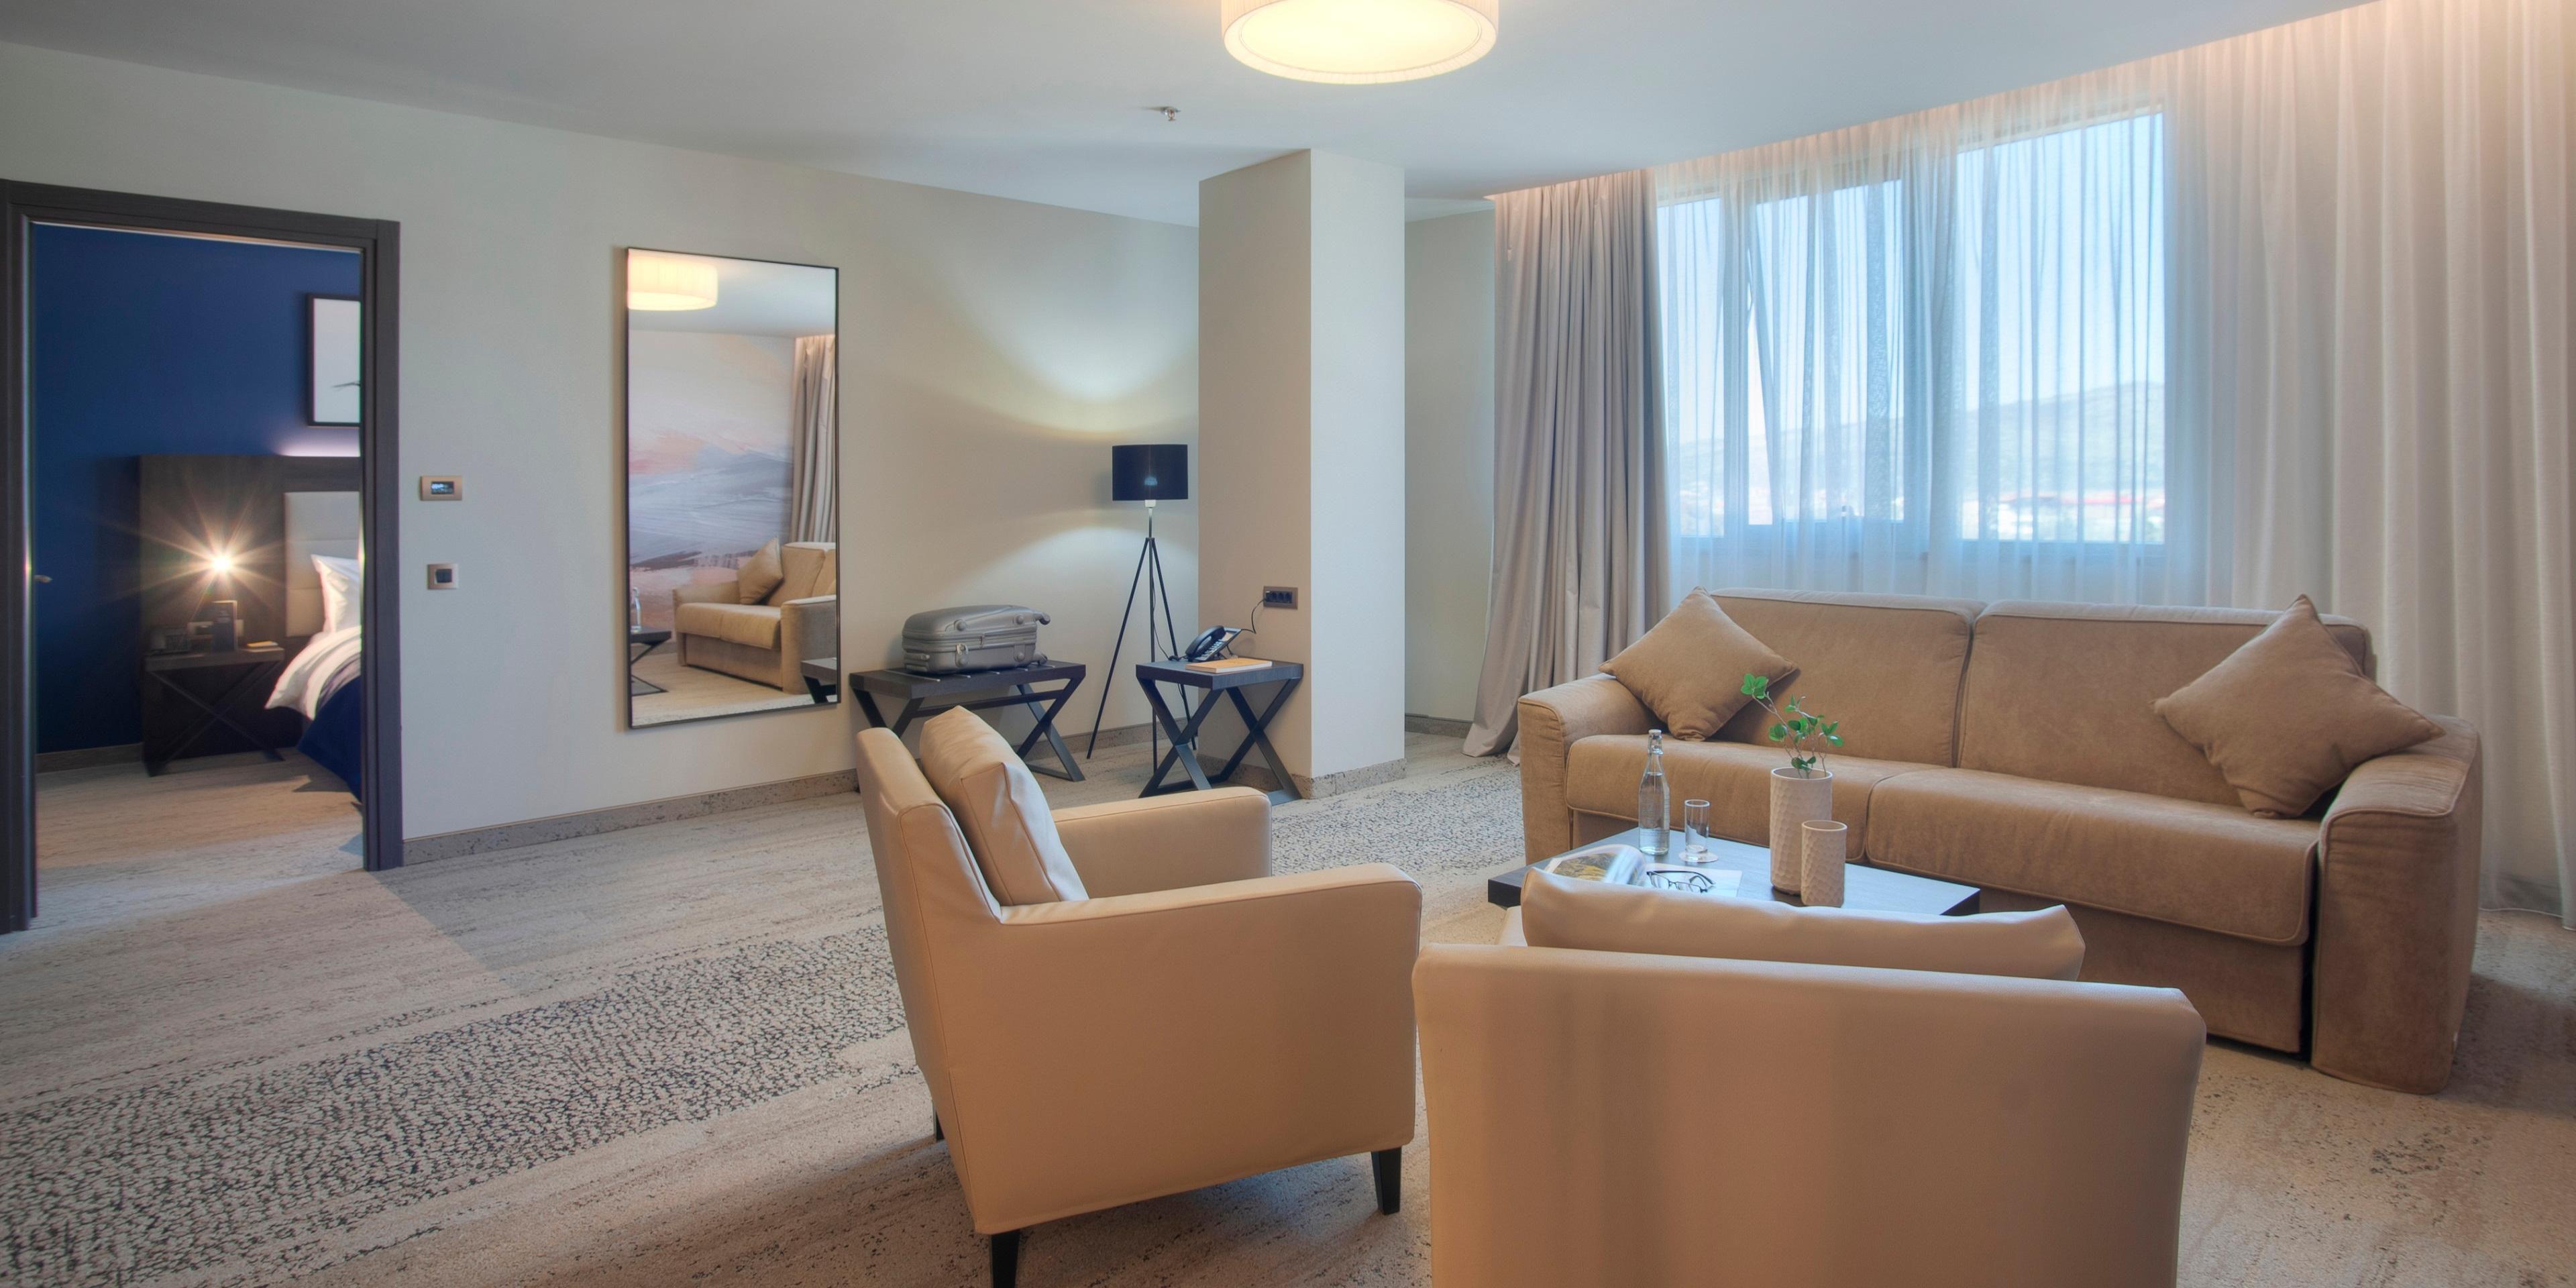 2 bdrm suite 2 king living room